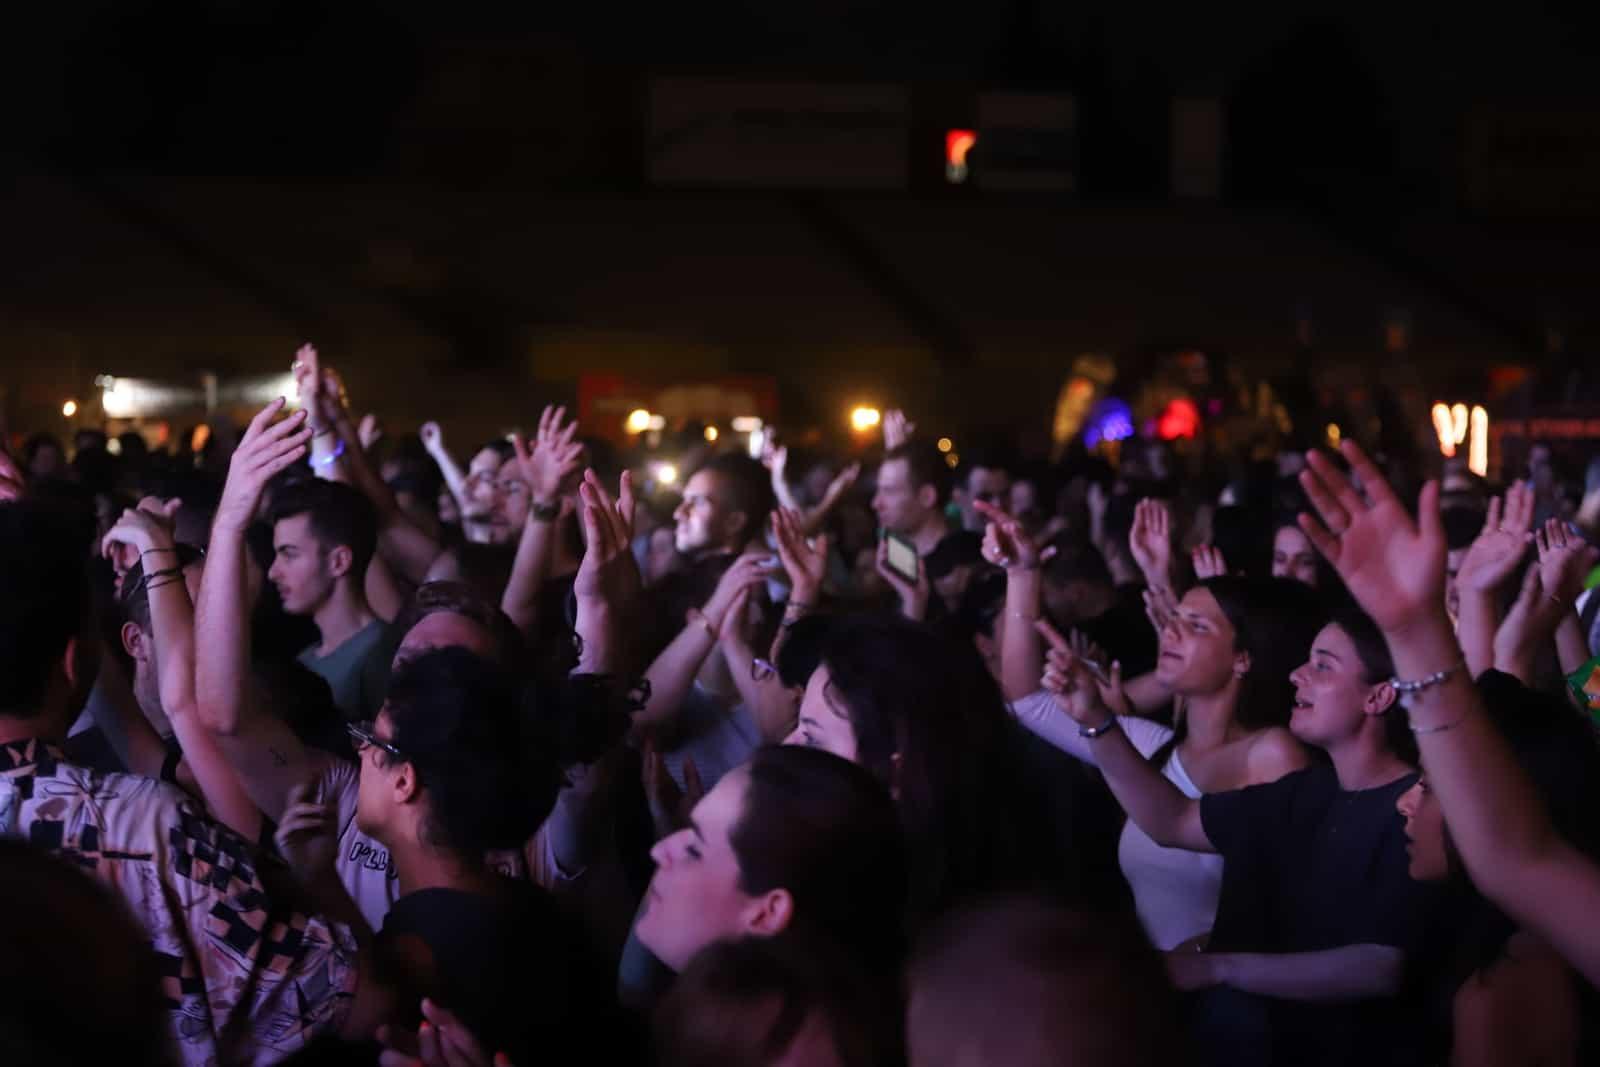 הקהל היה בטירוף, צילום: איתן אלחדז